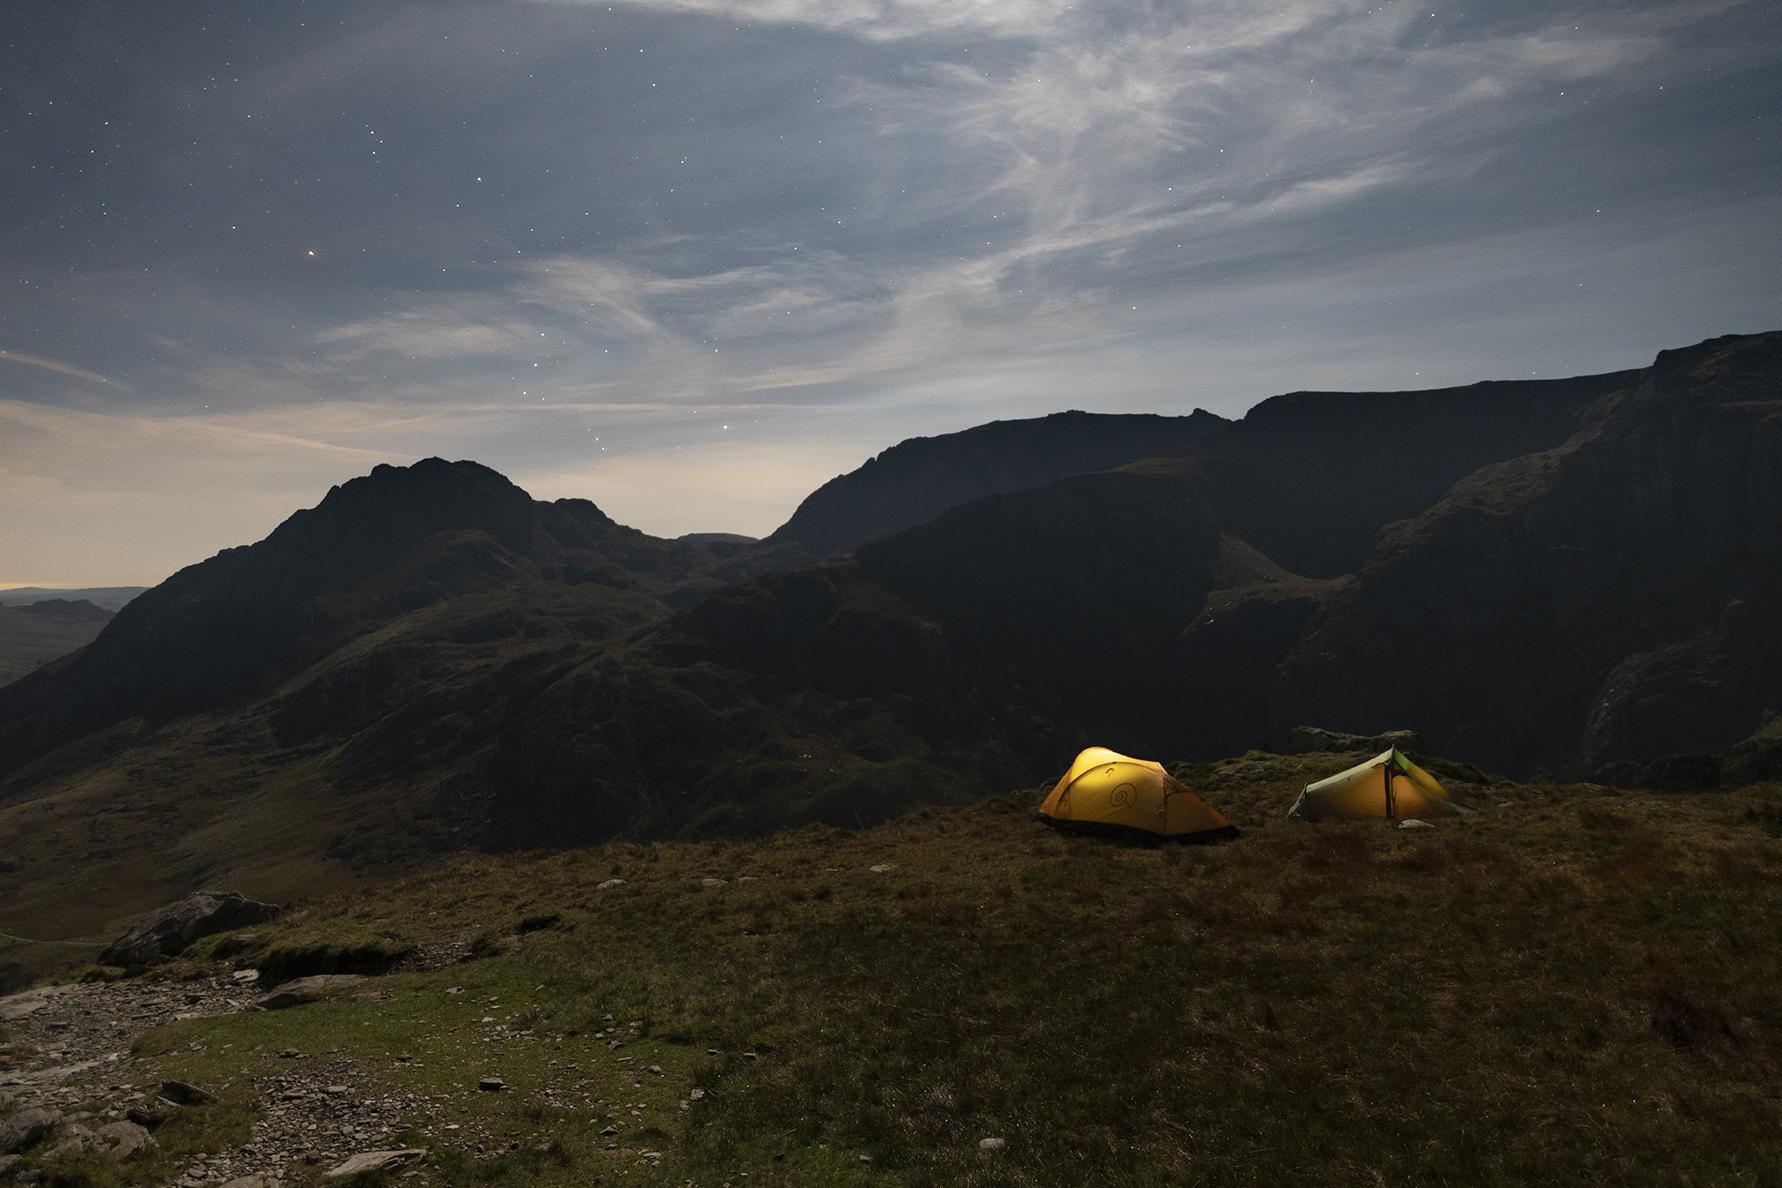 Glyderau Wild Camp on Y Garn